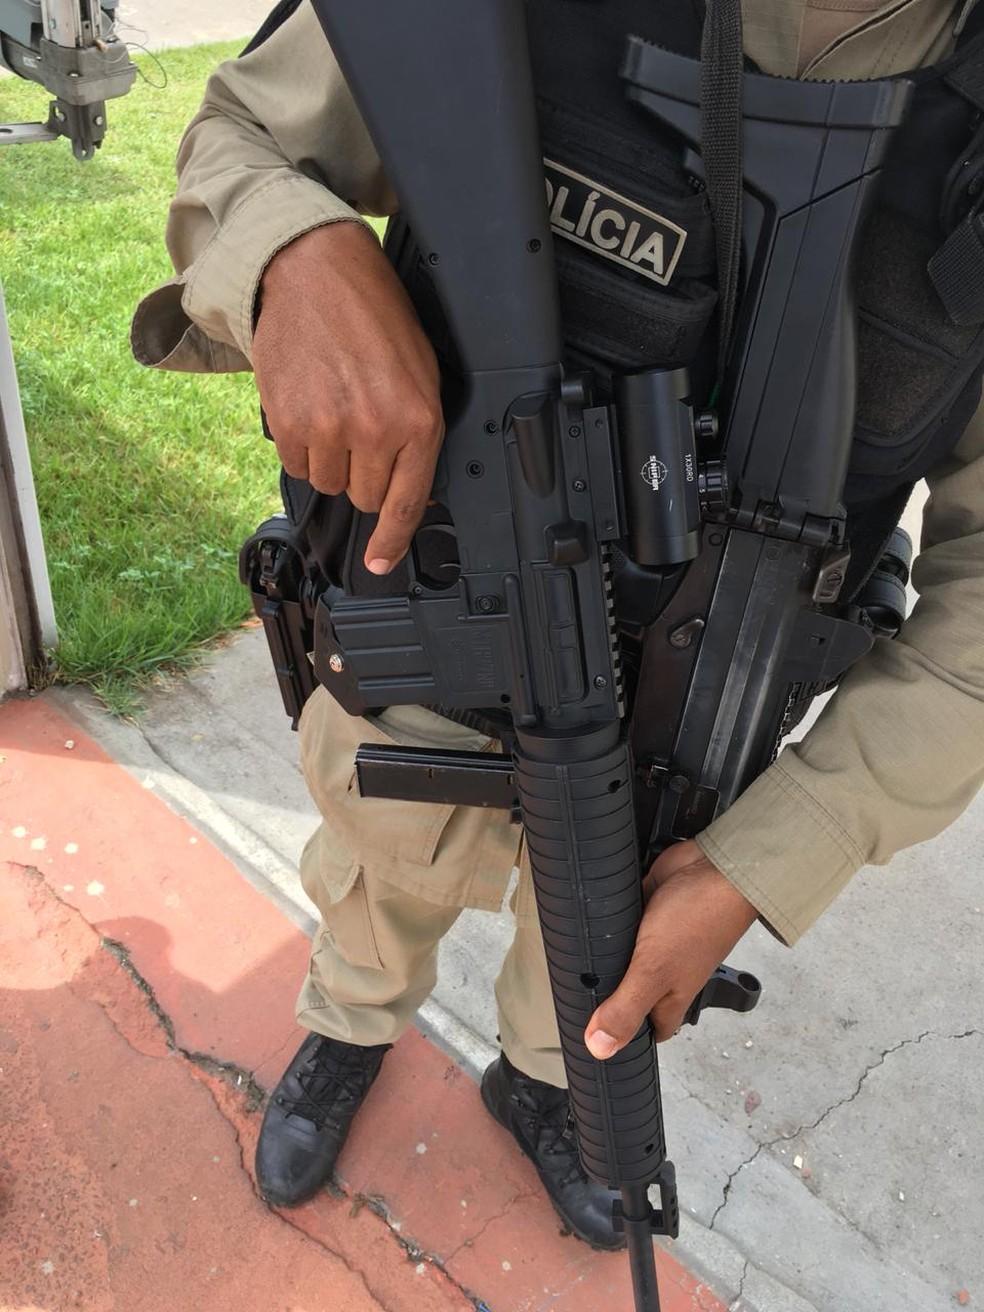 whatsapp image 2018 11 01 at 14.48.02 - Médico é preso ao ameaçar advogada com fuzil de brinquedo após reclamação de som alto